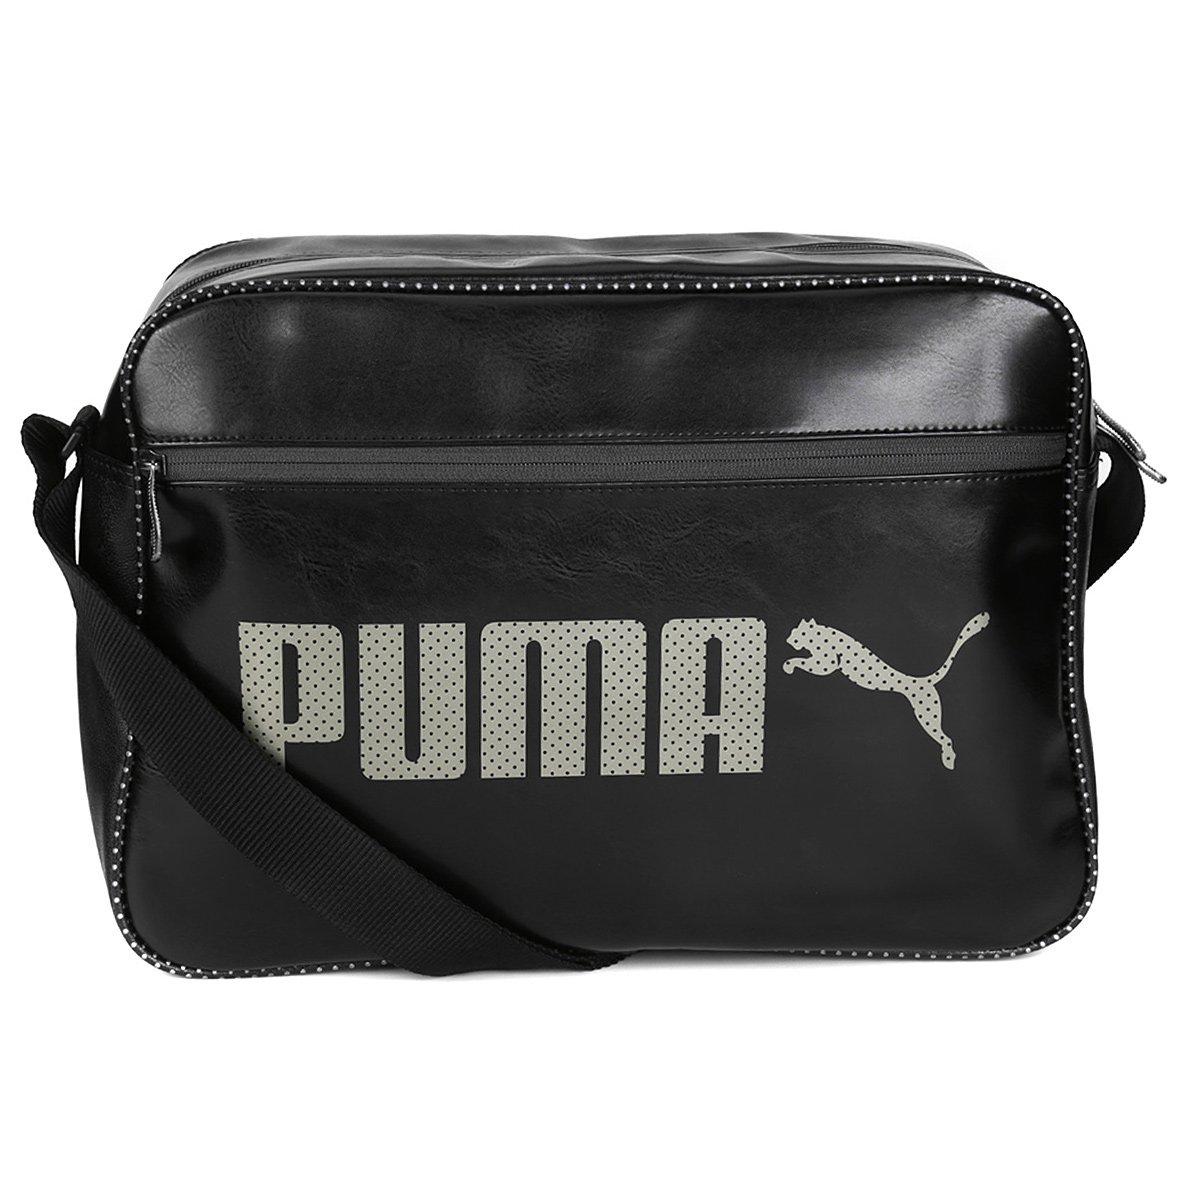 8a9308bbf619 Bolsa Puma Campus Reporter - Compre Agora